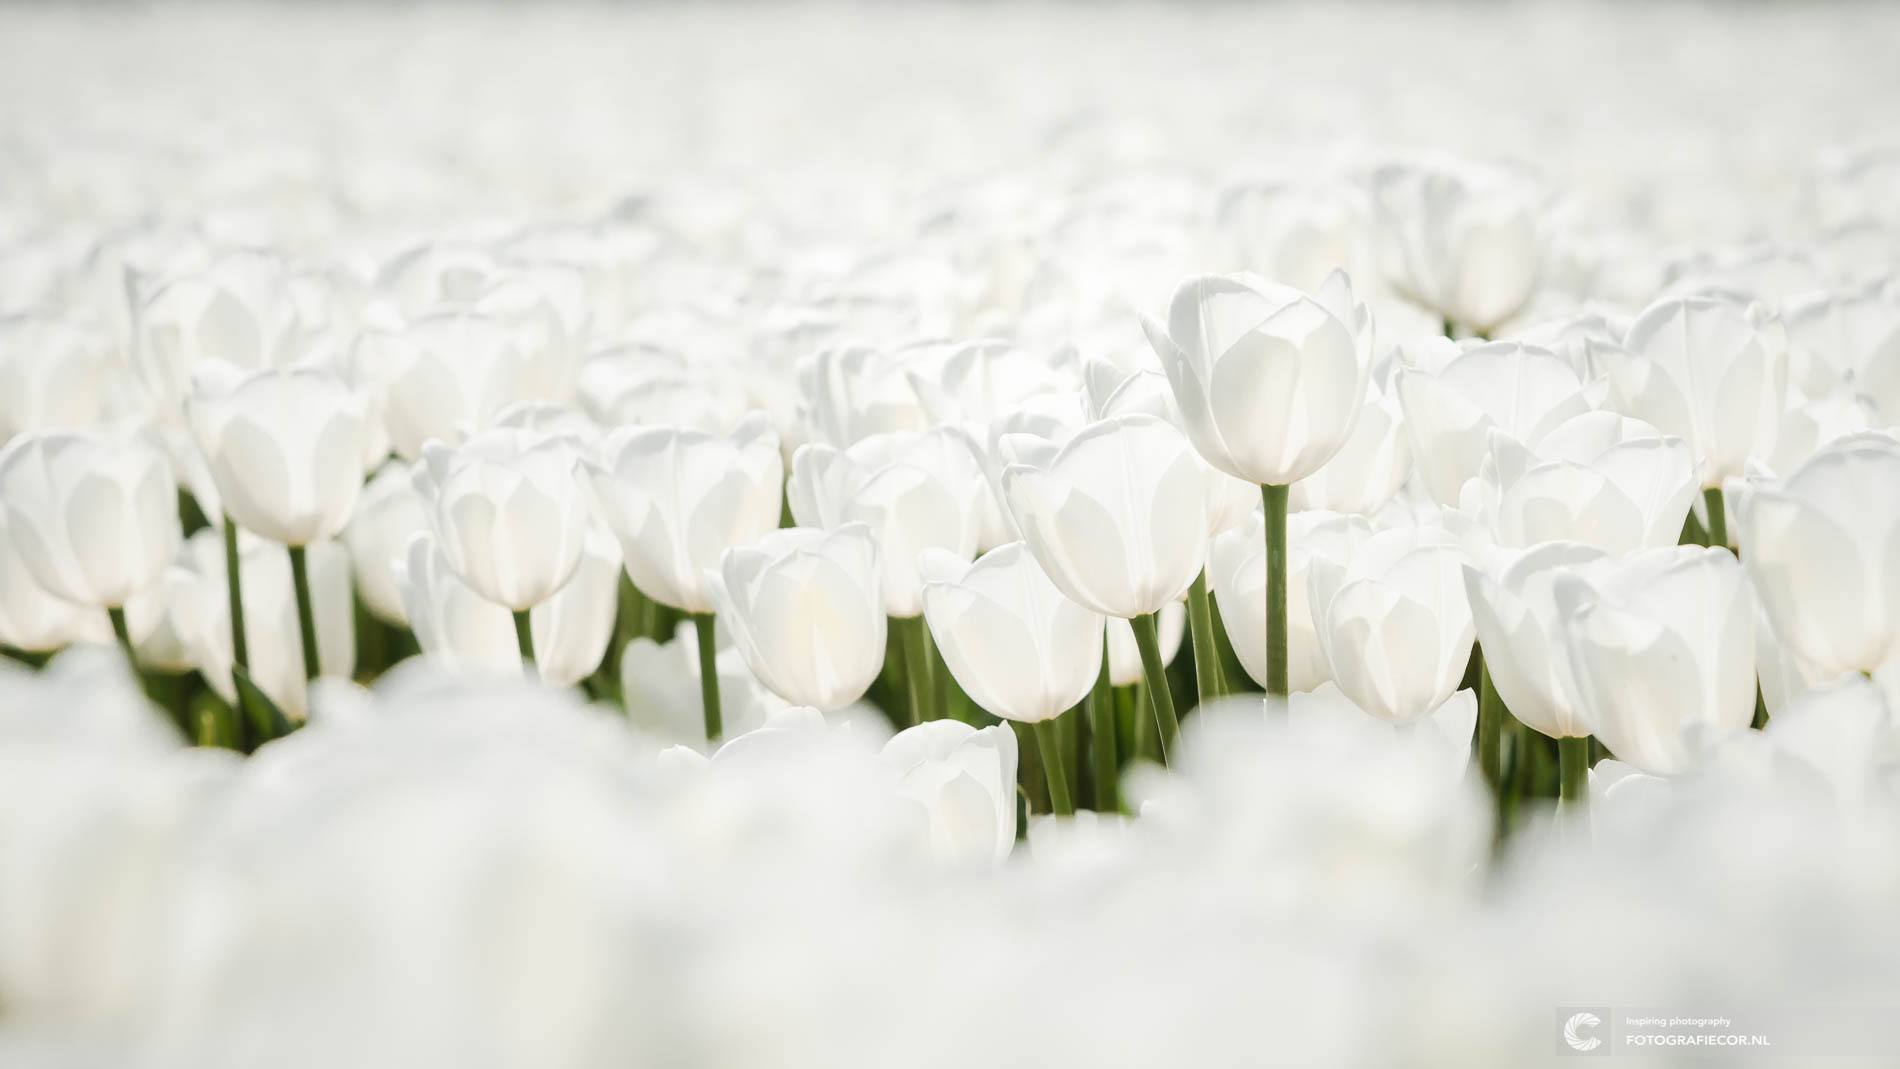 Prachtige witte tulpen fotograferen in de Noordoostpolder met landschap fotograaf uit Kampen tijdens tulpenfestival Emmeloord